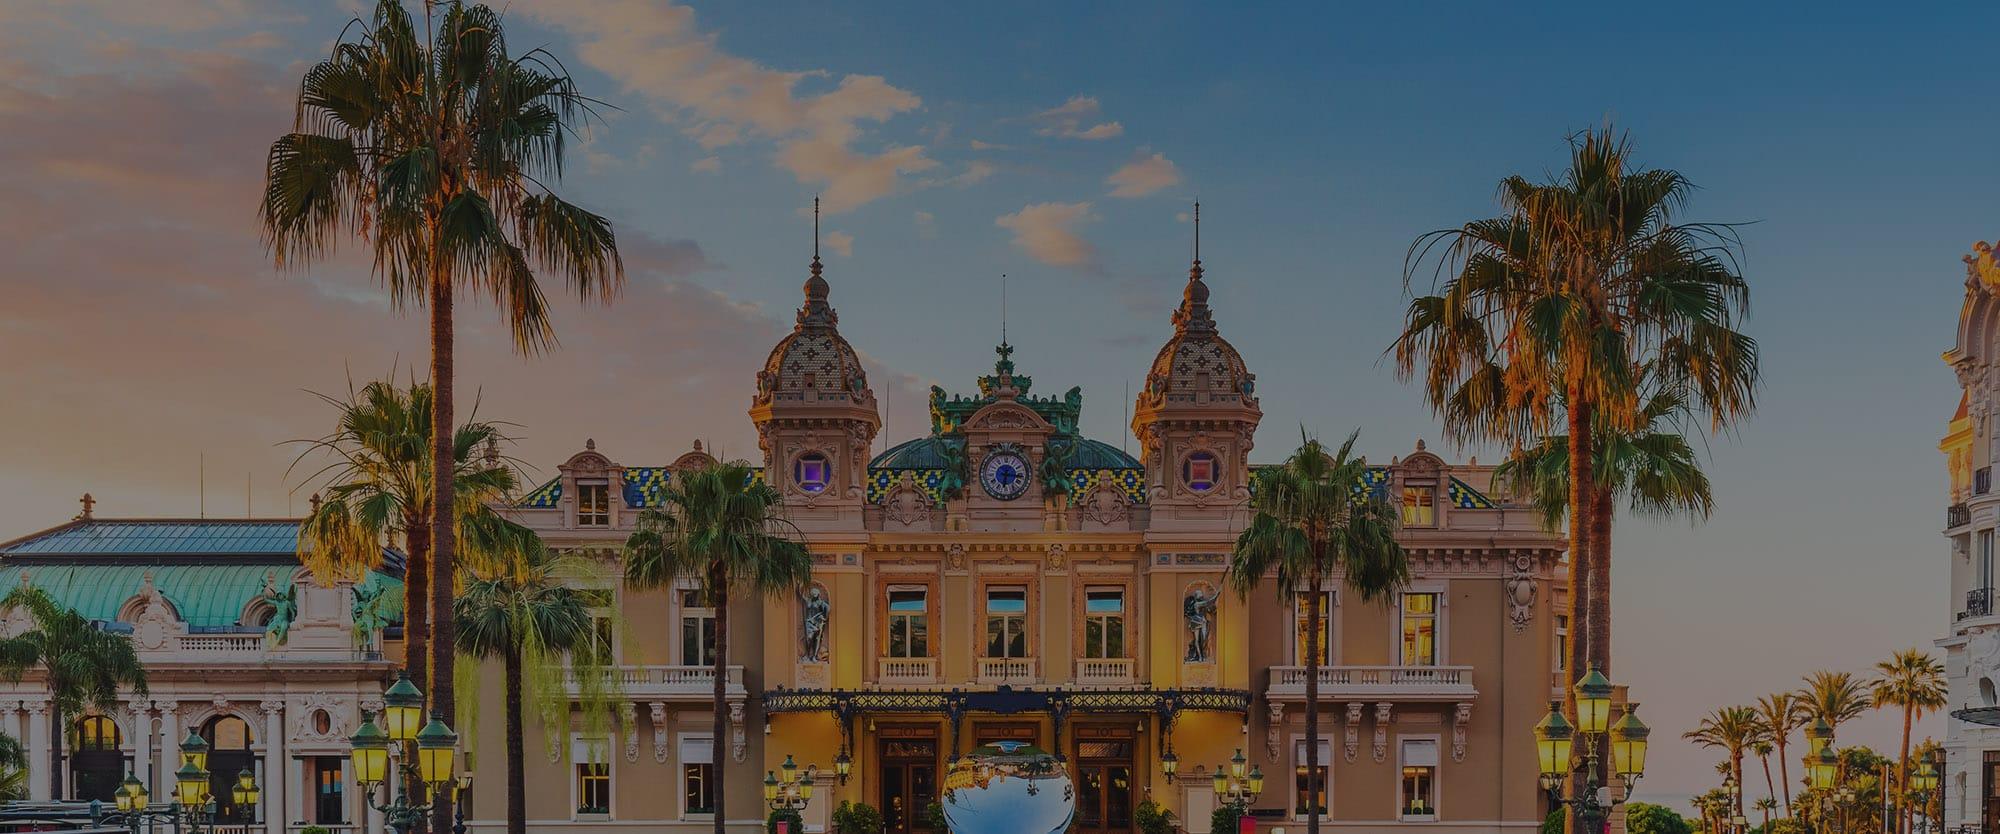 Façade du Casino de Monte-Carlo à Monaco, Côte d'Azur